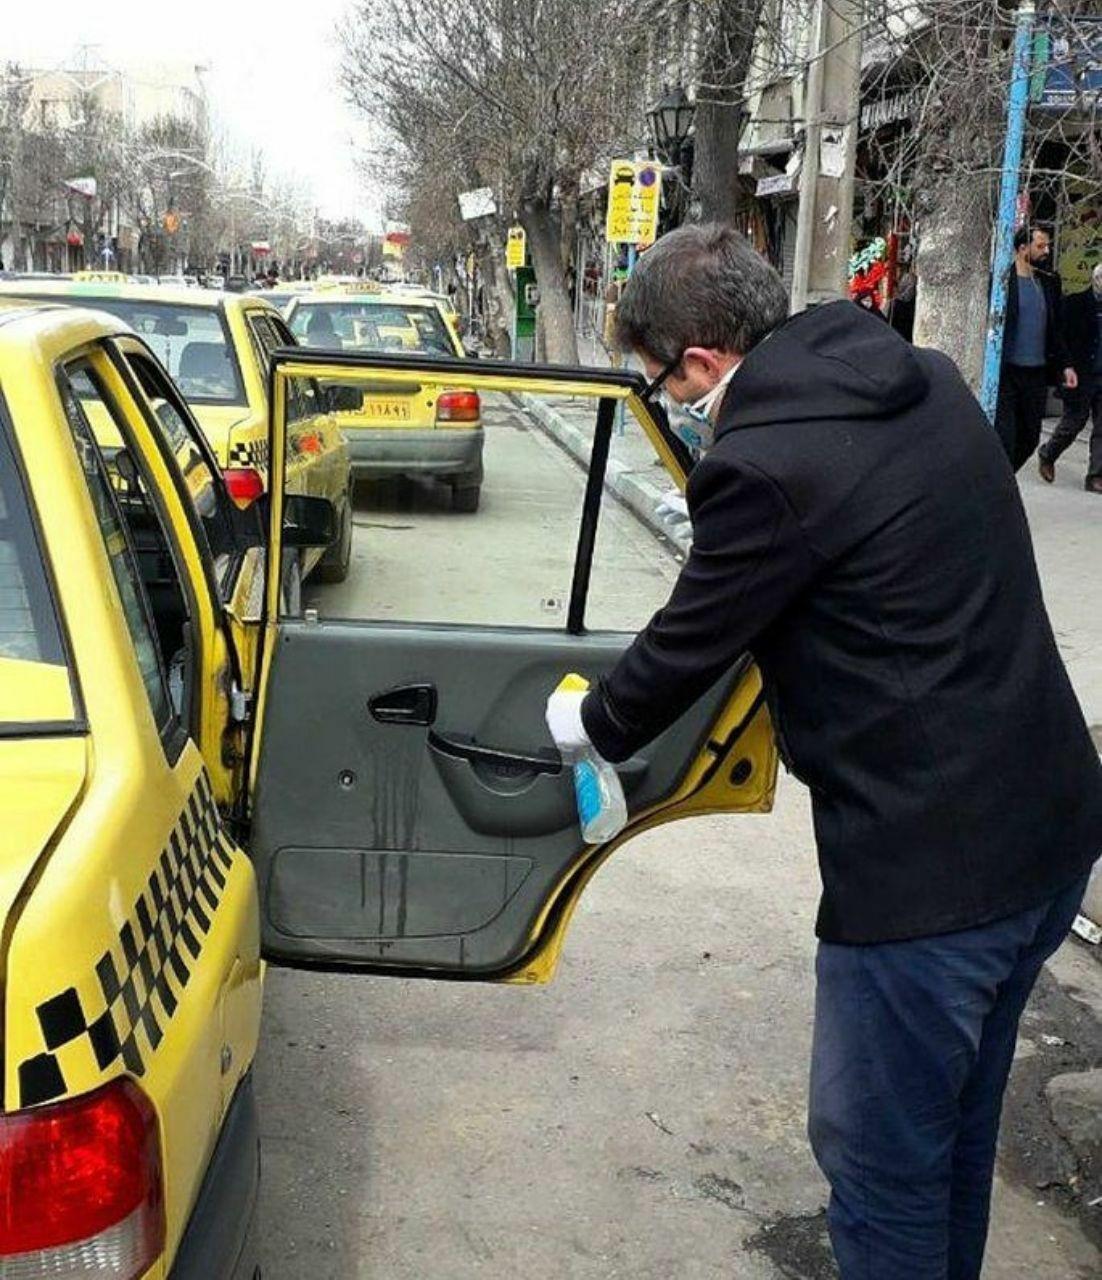 مسئولیت پذیری یک راننده تاکسی برای سلامتی مسافران + عکس